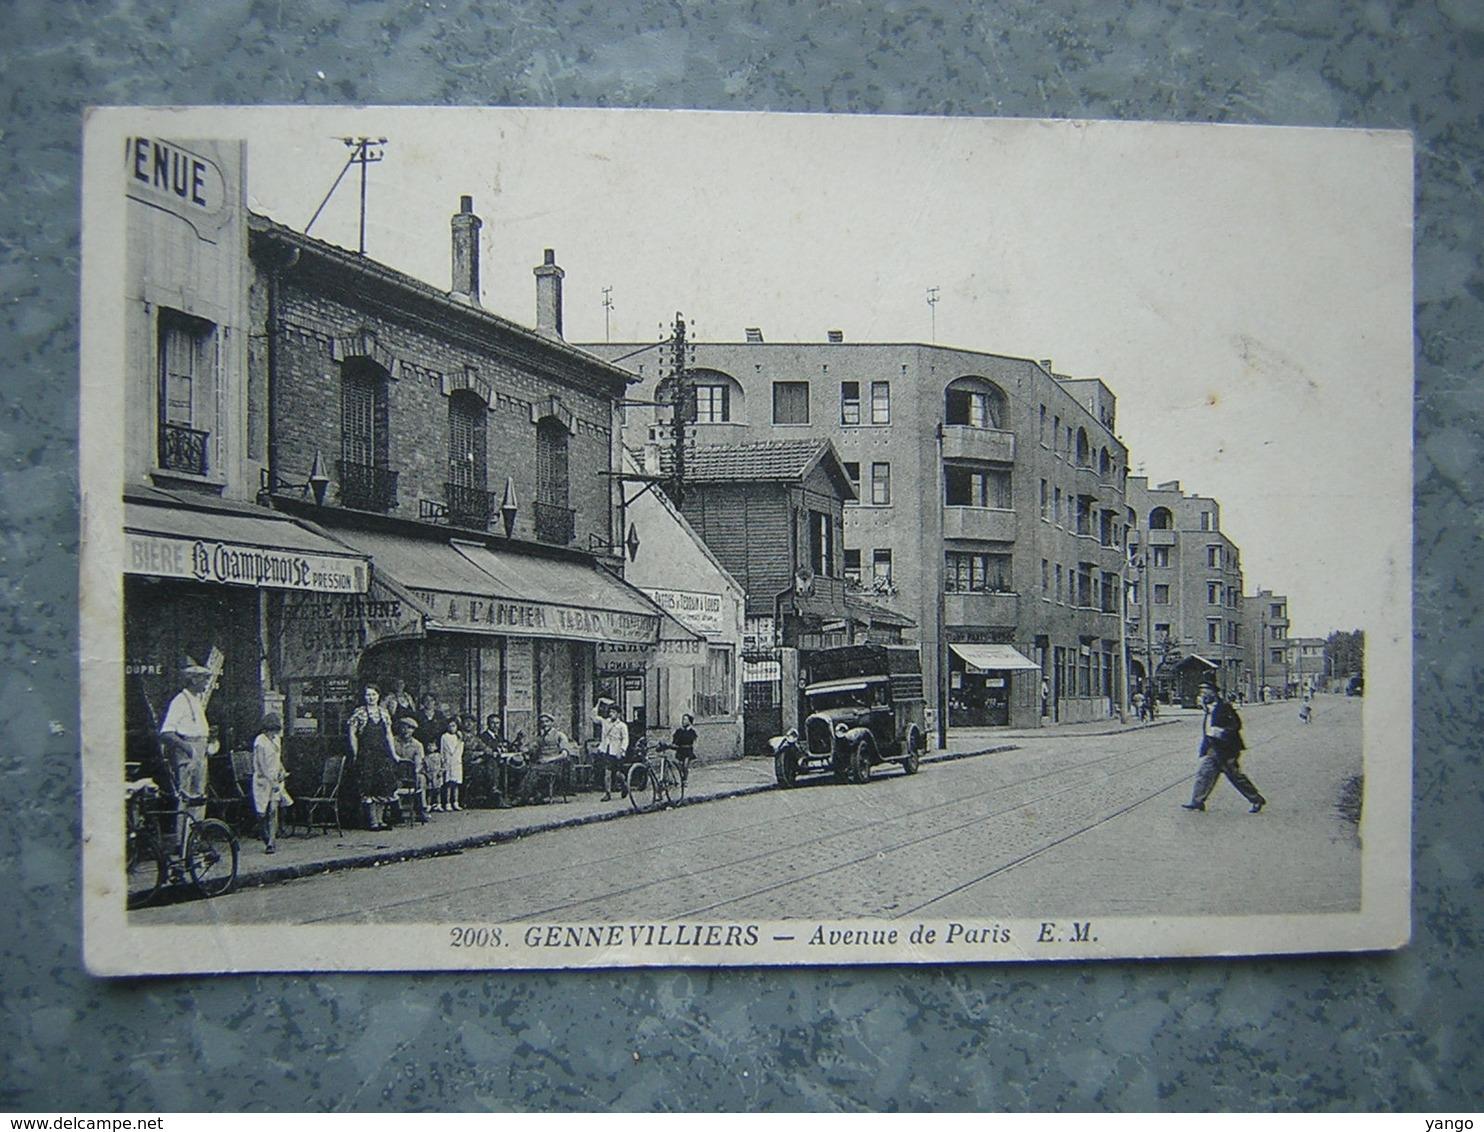 GENNEVILLIERS - AVENUE DE PARIS - Gennevilliers